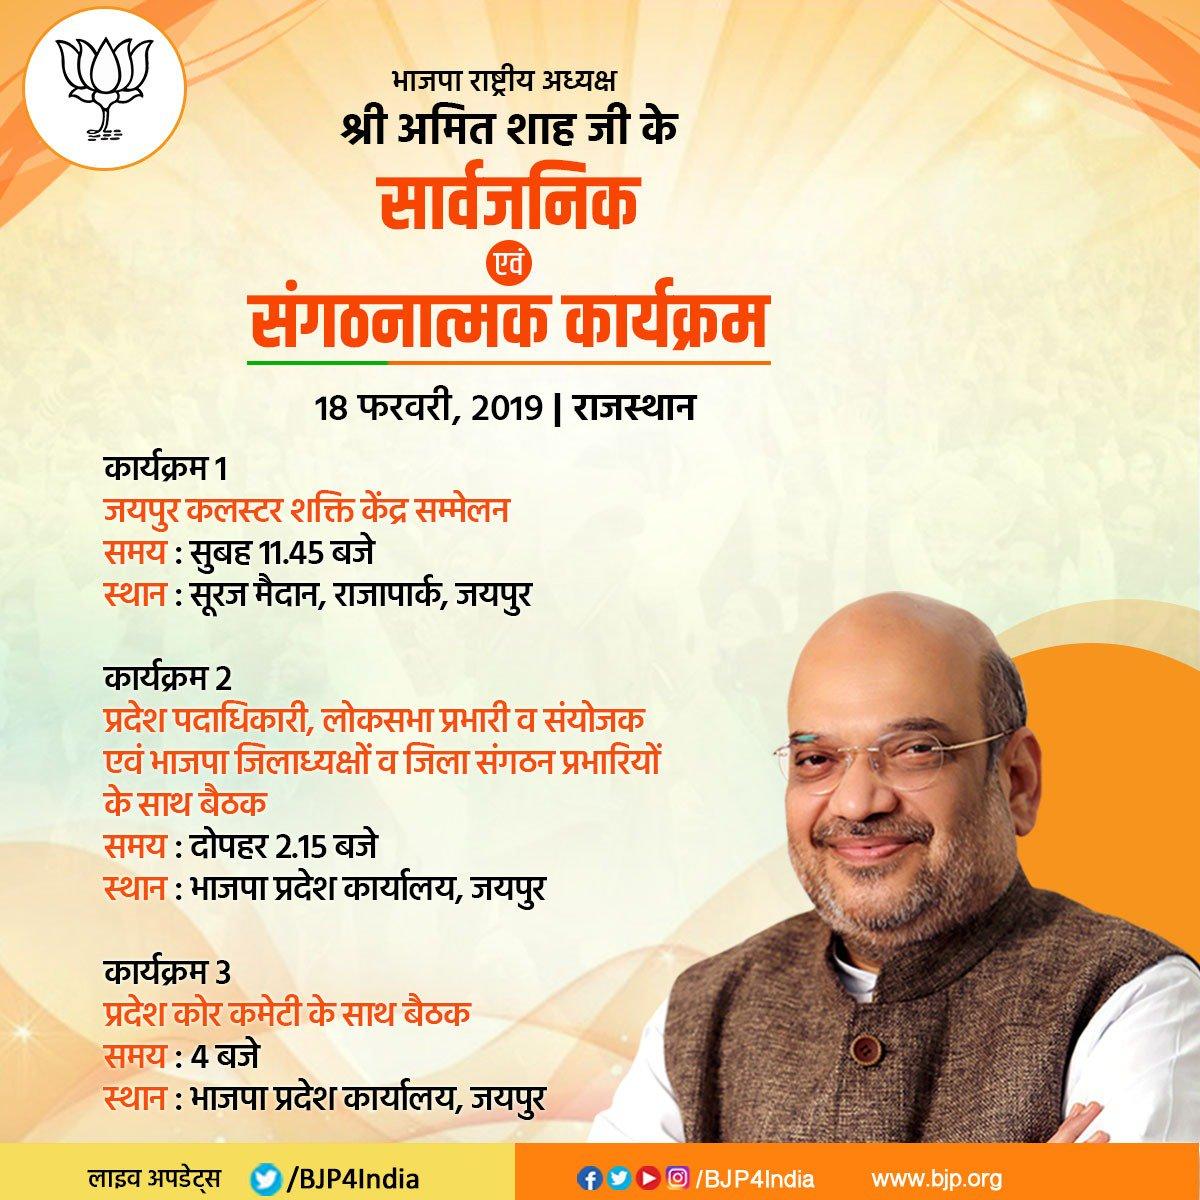 भाजपा राष्ट्रीय अध्यक्ष श्री अमित शाह के कल जयपुर, राजस्थान में संगठनात्मक एवं सार्वजनिक कार्यक्रम। लाइव देखें http://facebook.com/BJP4India पर।